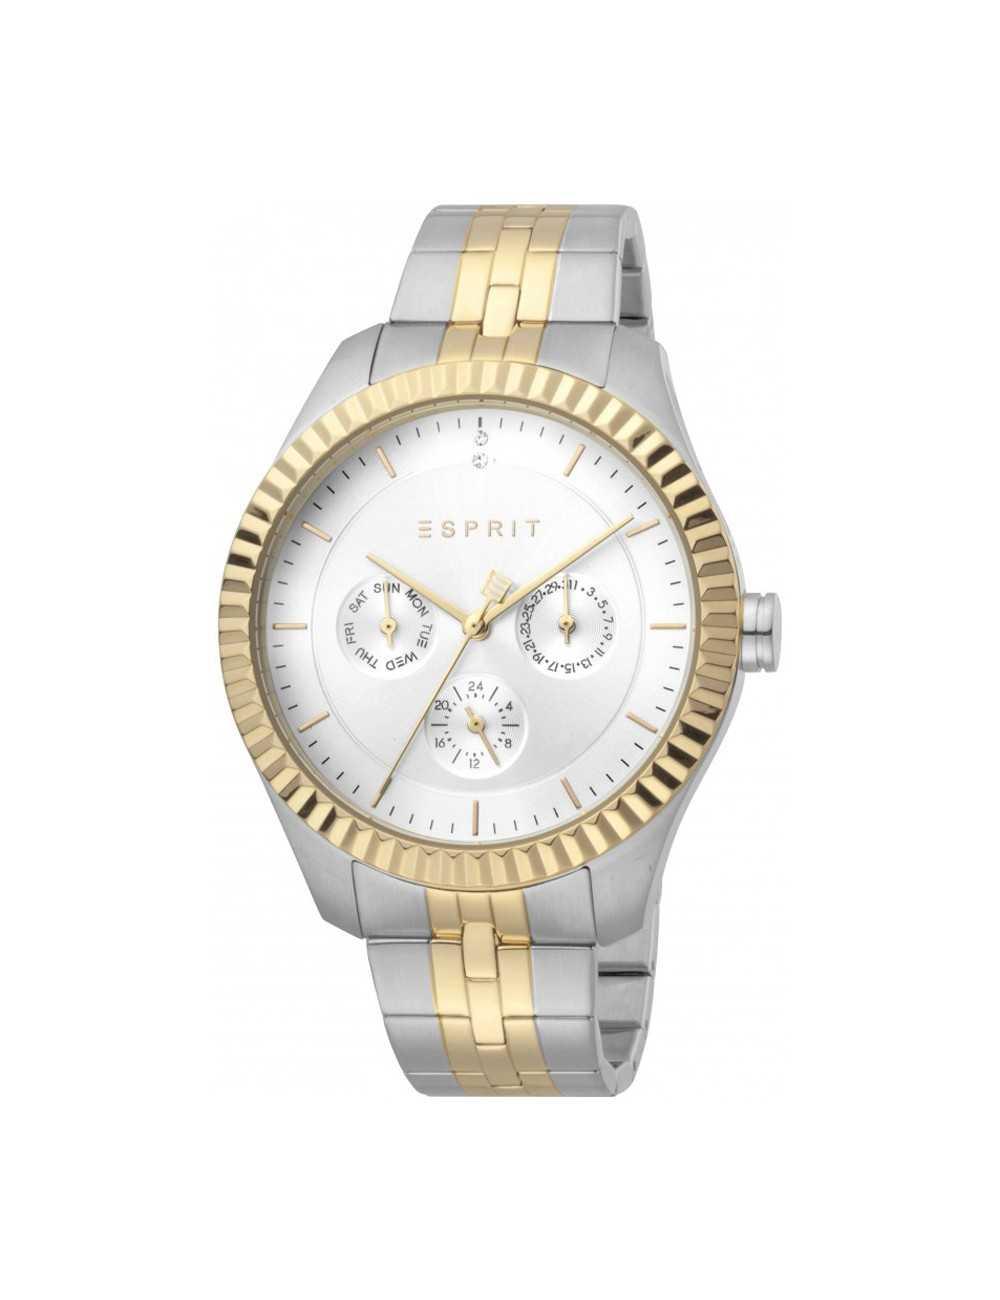 Esprit ES1L202M0105 Flute Silver Gold MB Ladies Watch